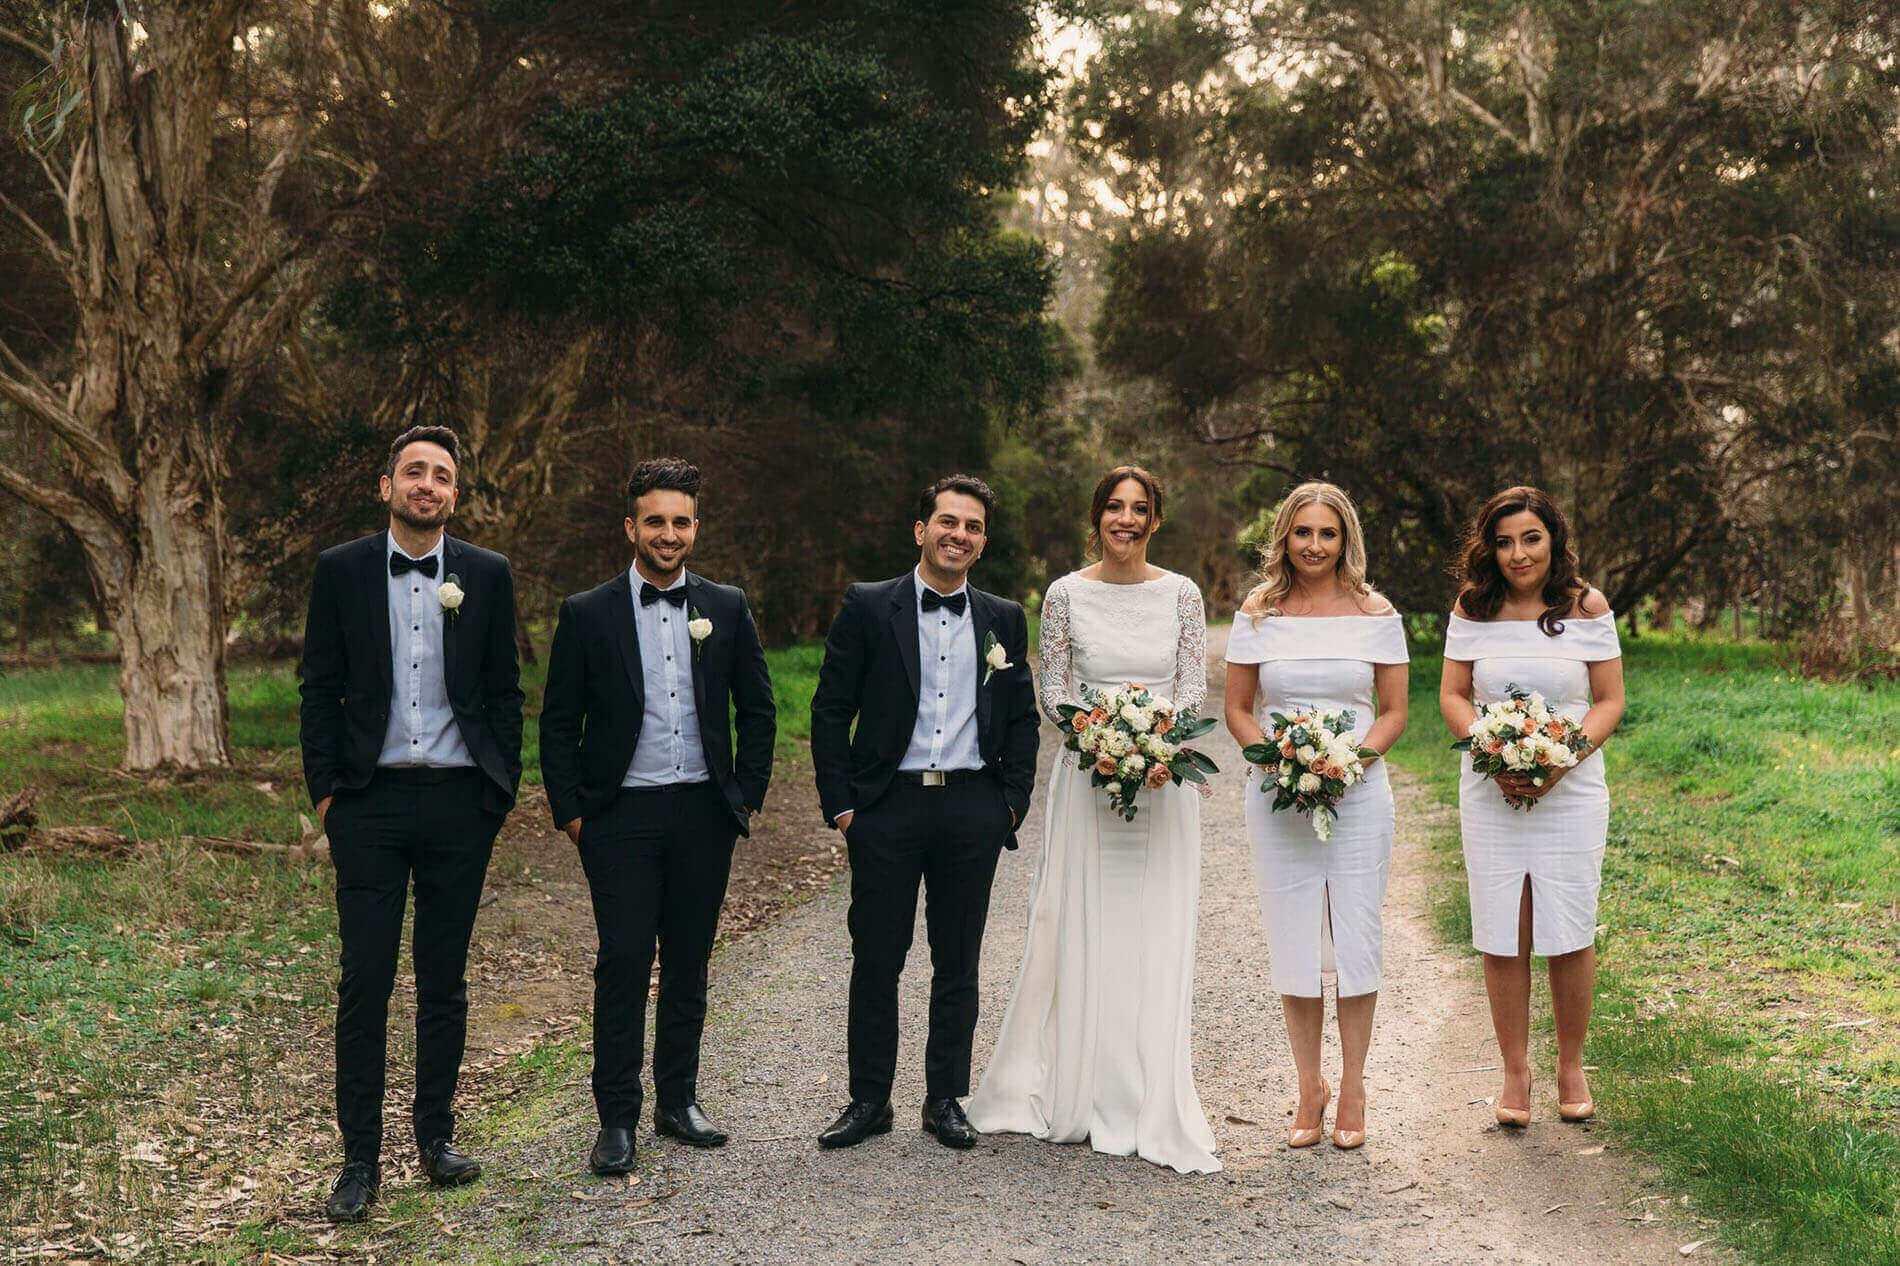 Birde and Groom Party - Wedding Venue